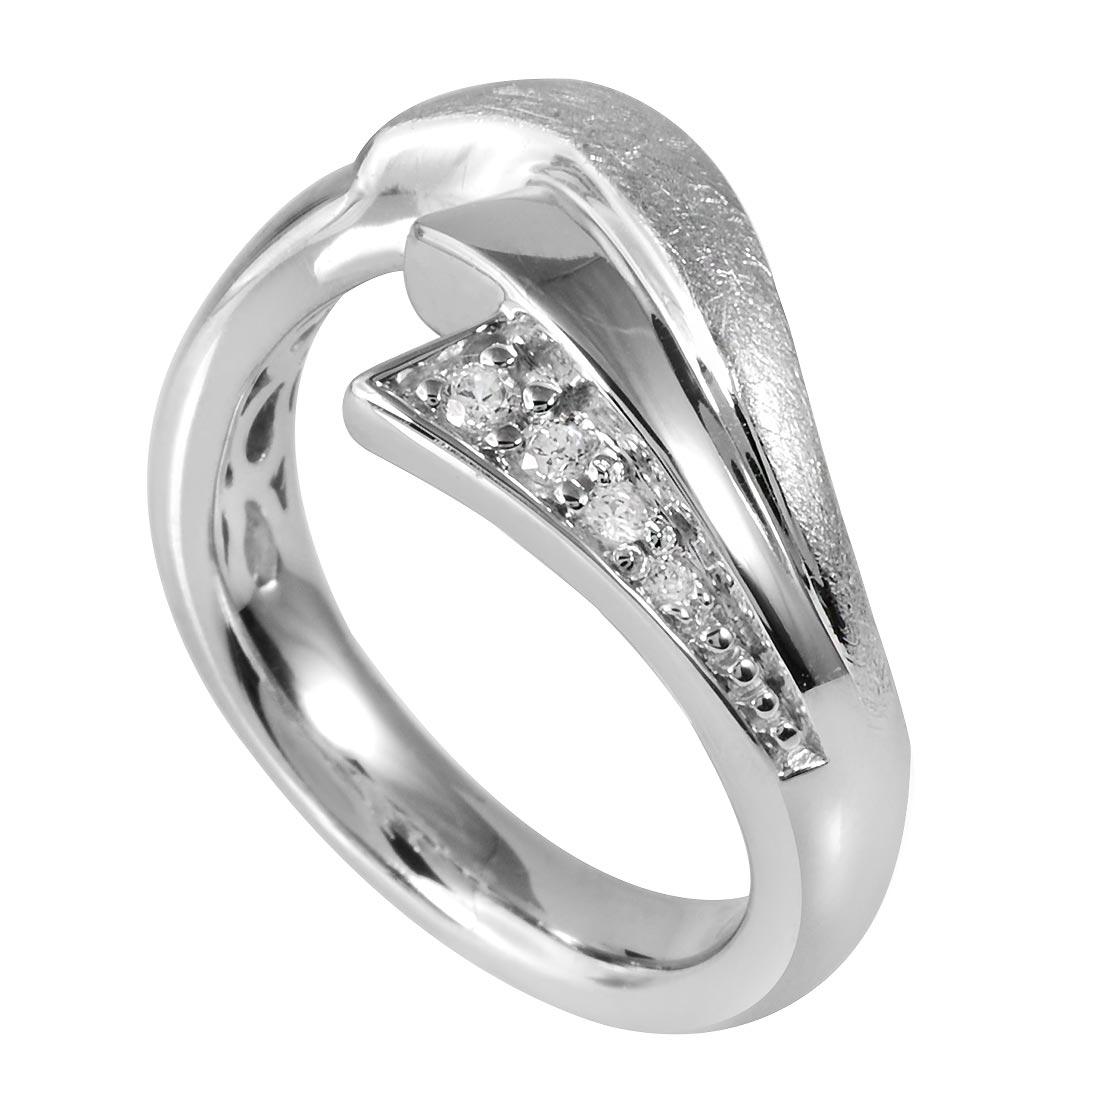 Details zu MATERIA 925 Silber Ring Blatt Damen Ring Zirkonia hochglanz gebürstet inkl. Box